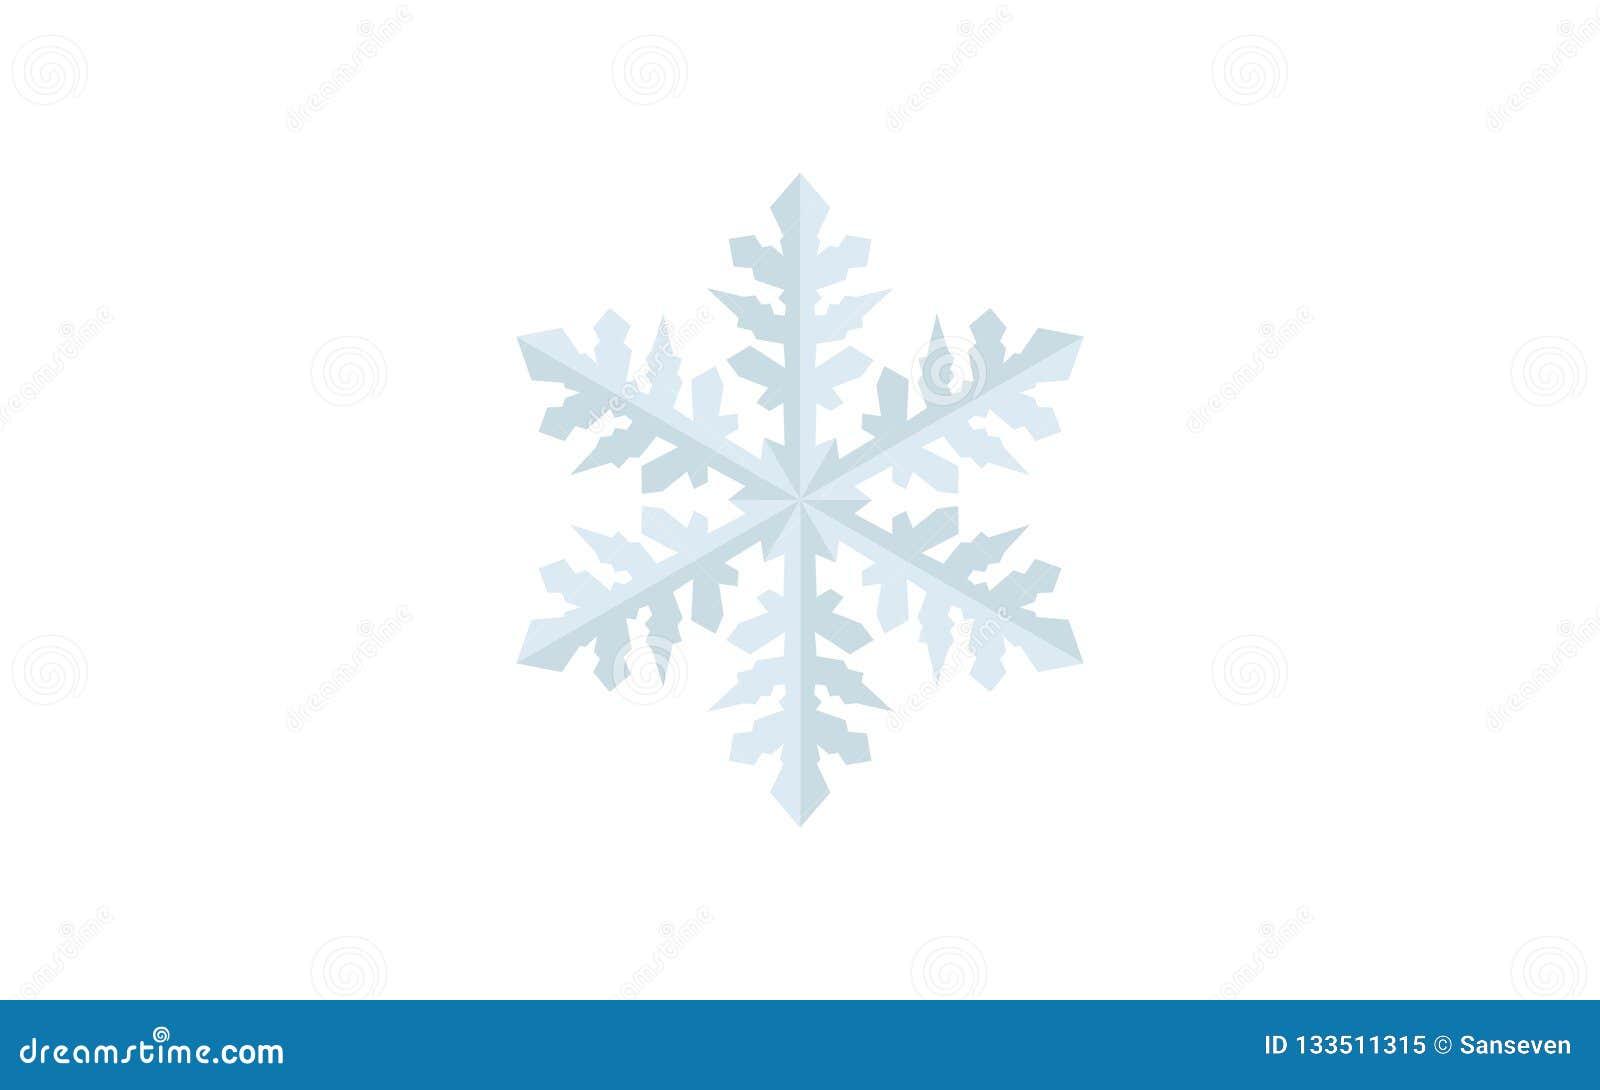 Projeto detalhado do vetor do floco de neve - tempo do feriado no inverno, comemoração Feliz Natal